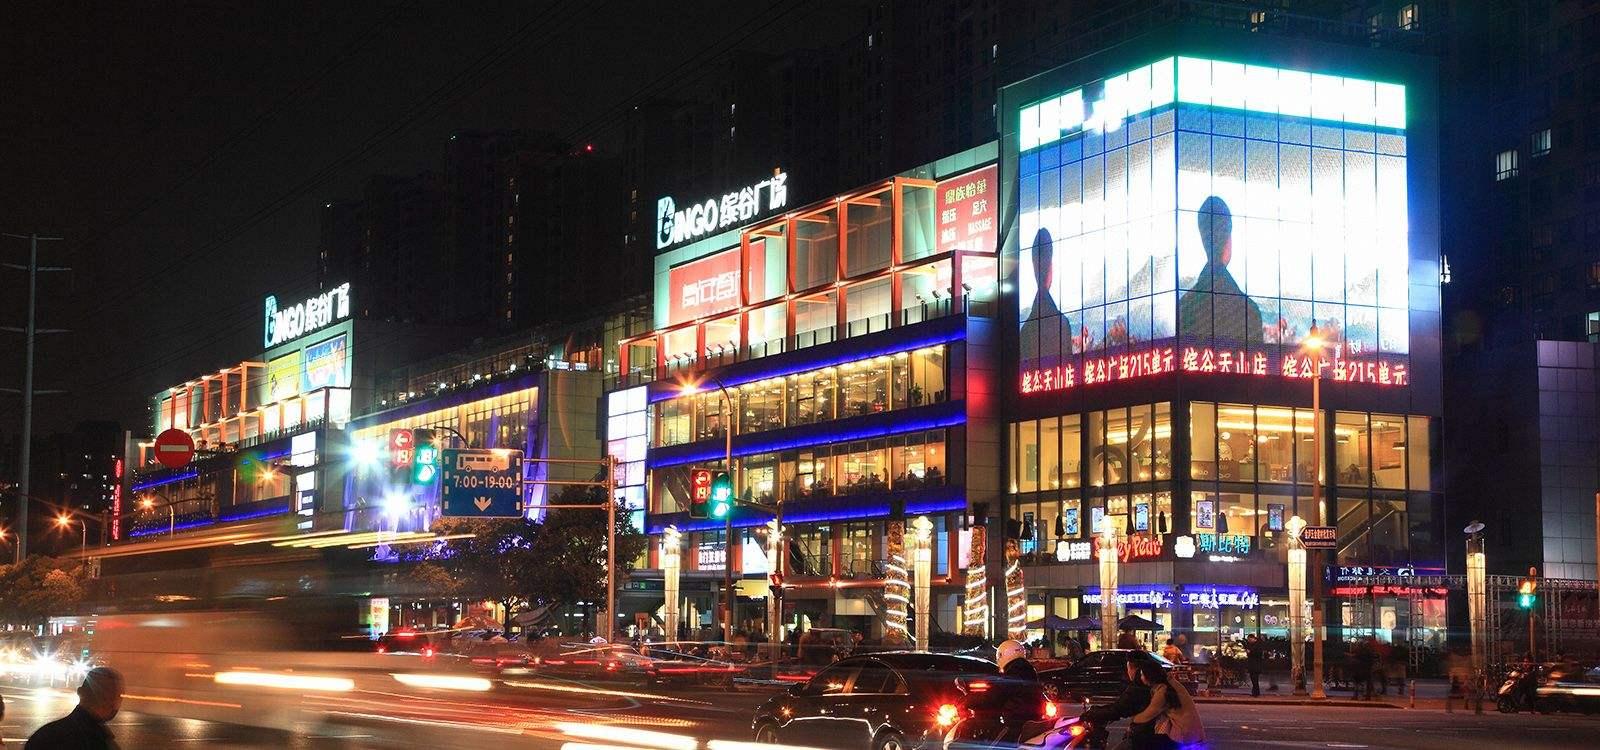 上海缤谷文化休闲广场